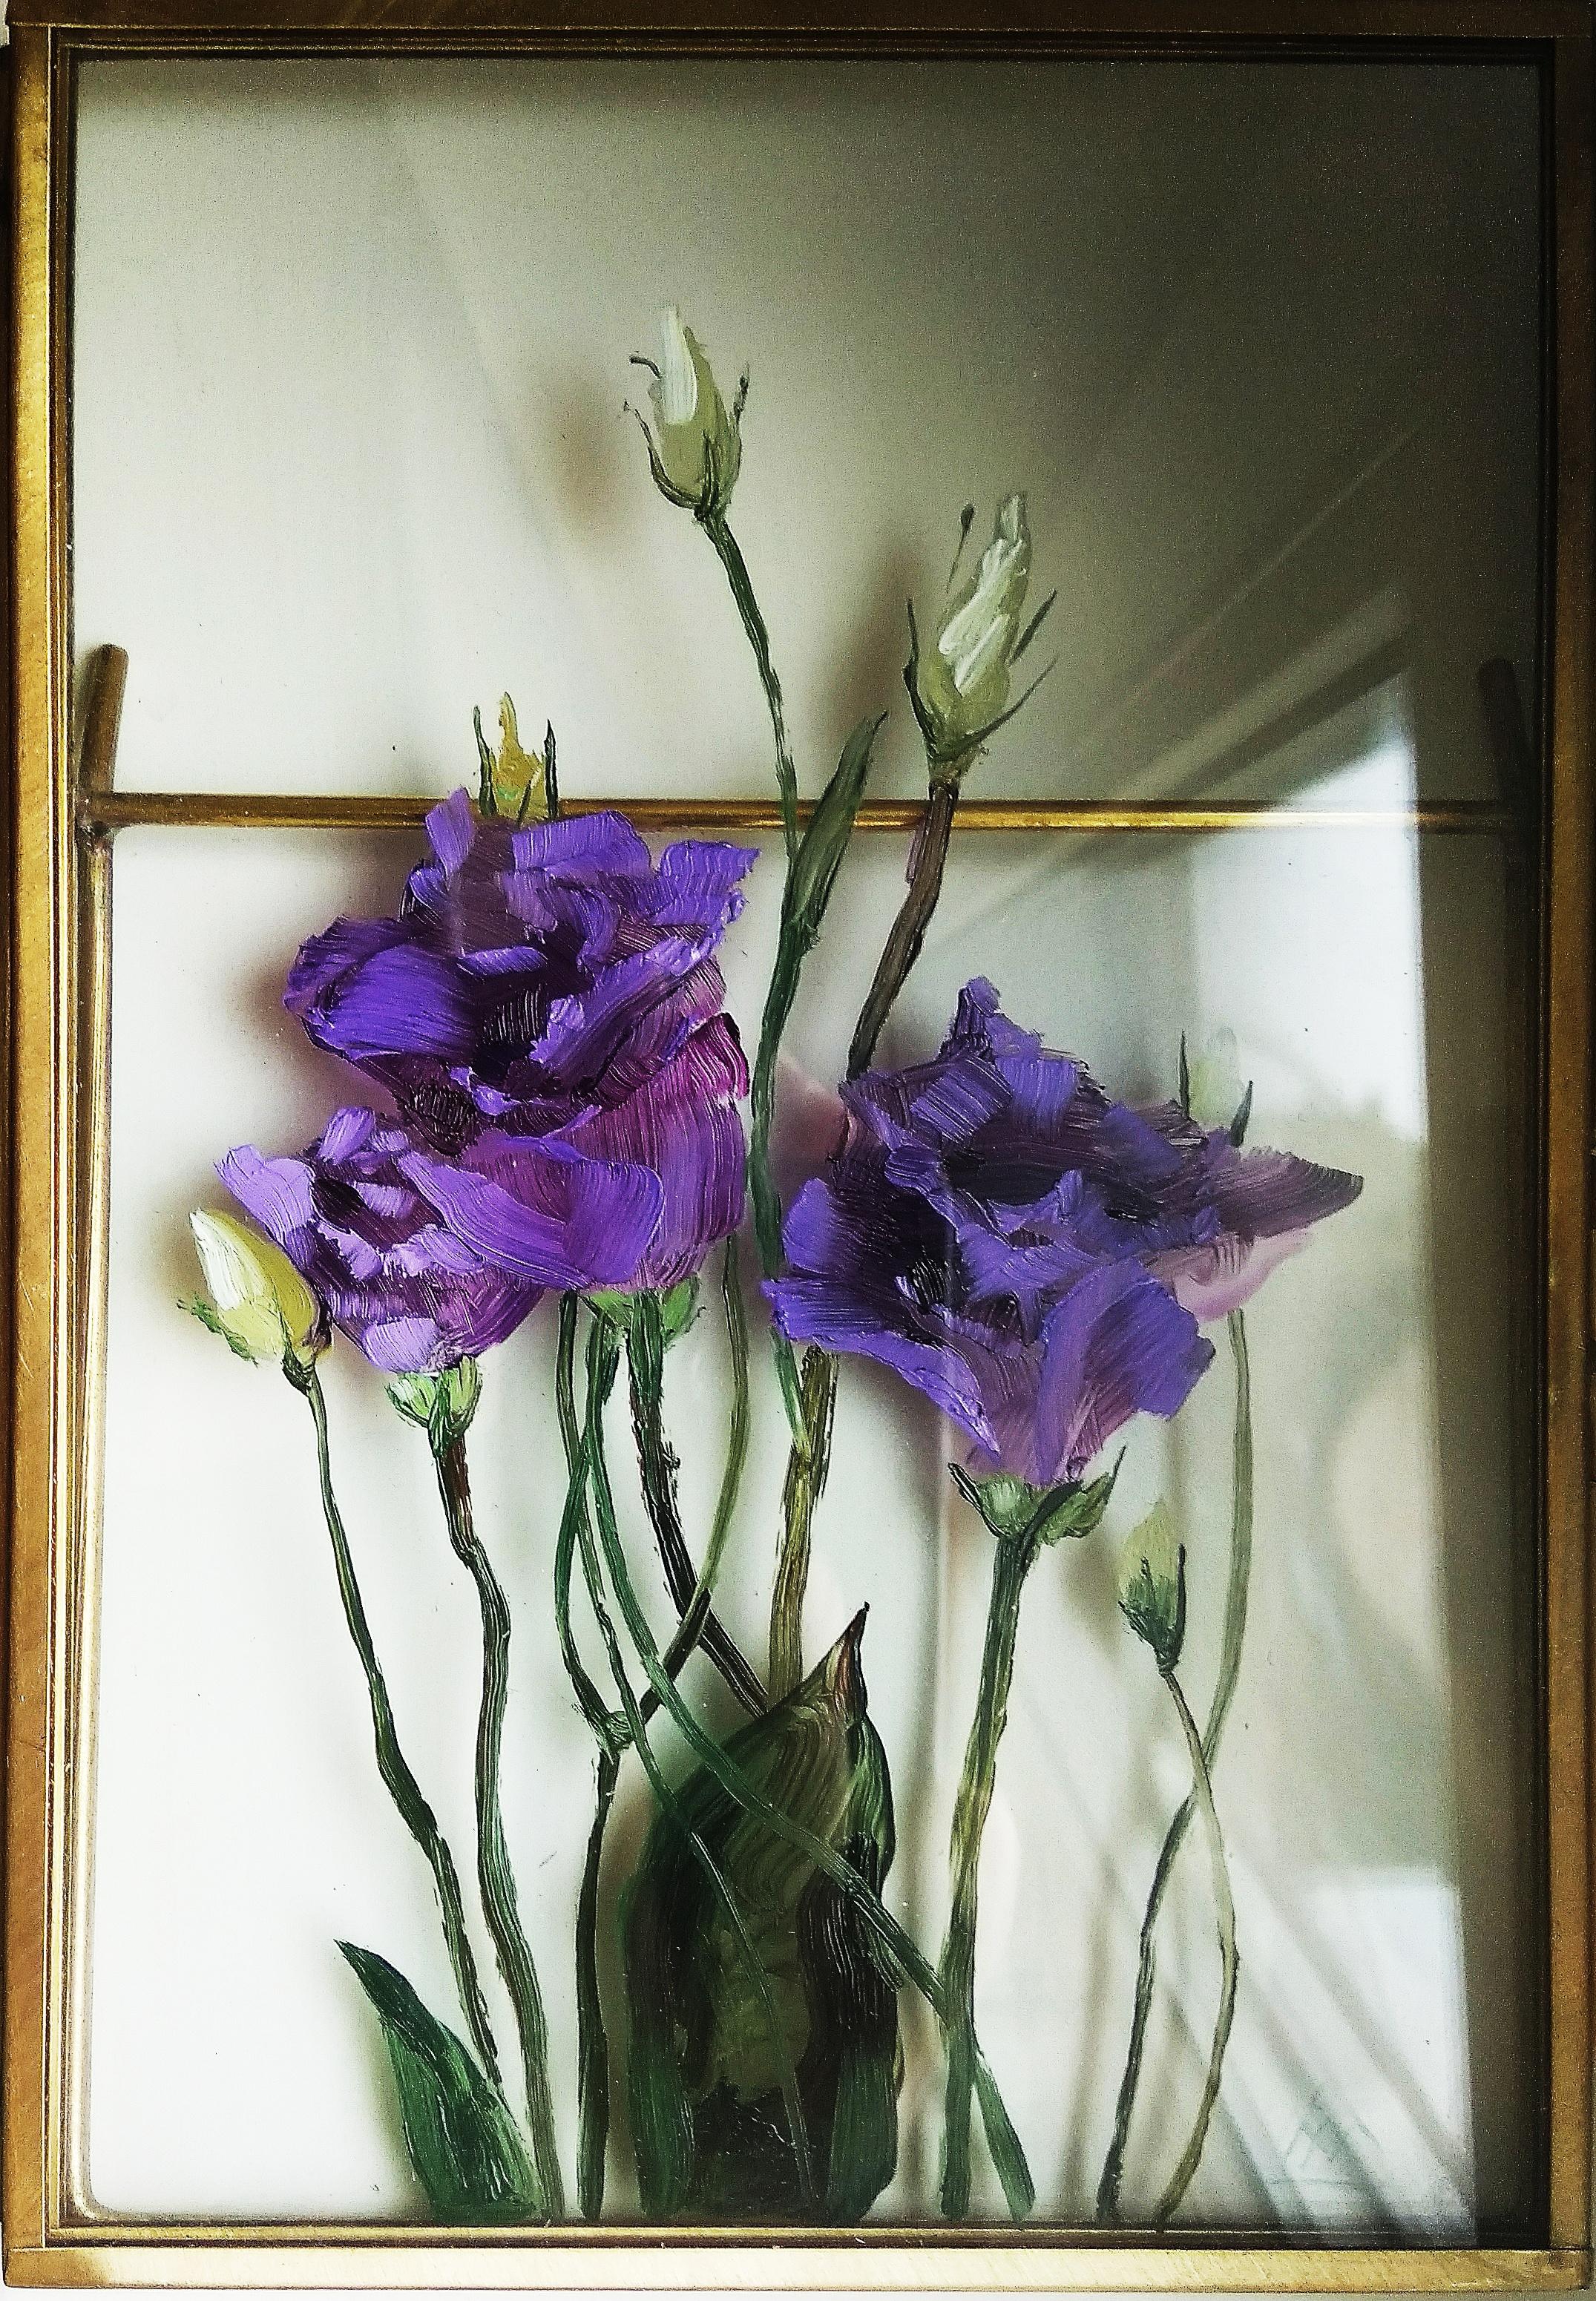 The violet elegance